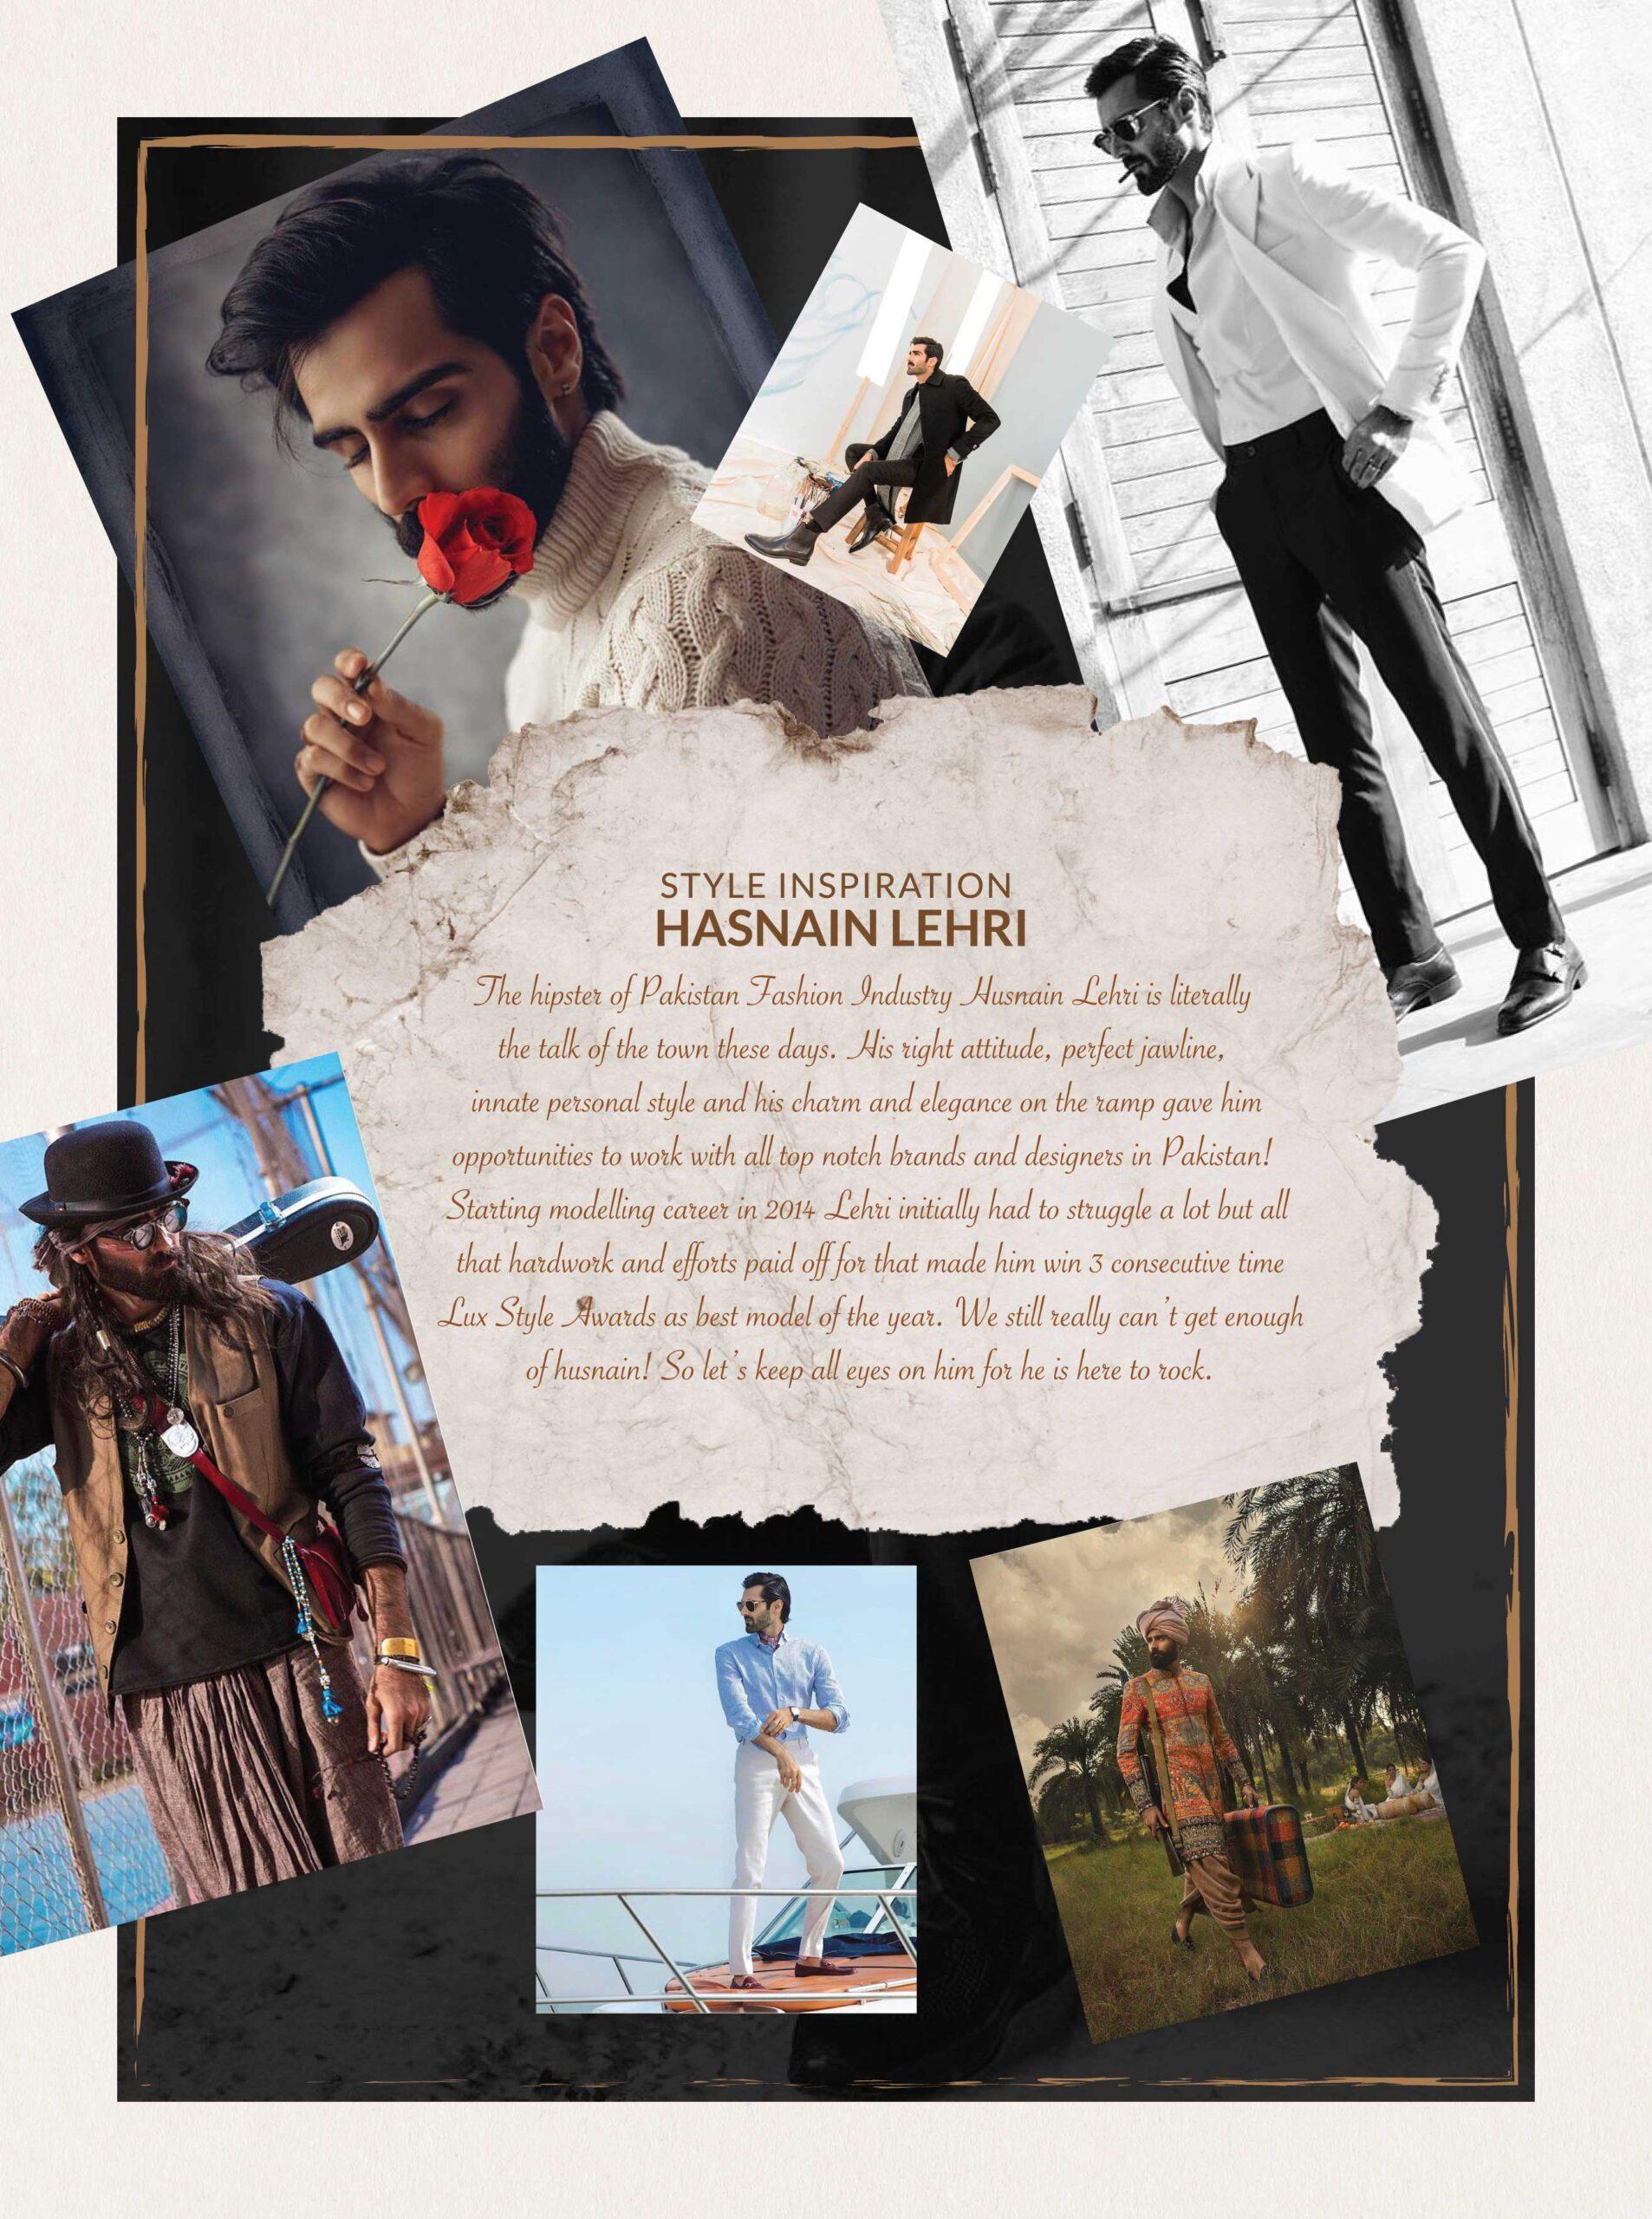 Style_Inspiration_Hassnain_Lehri